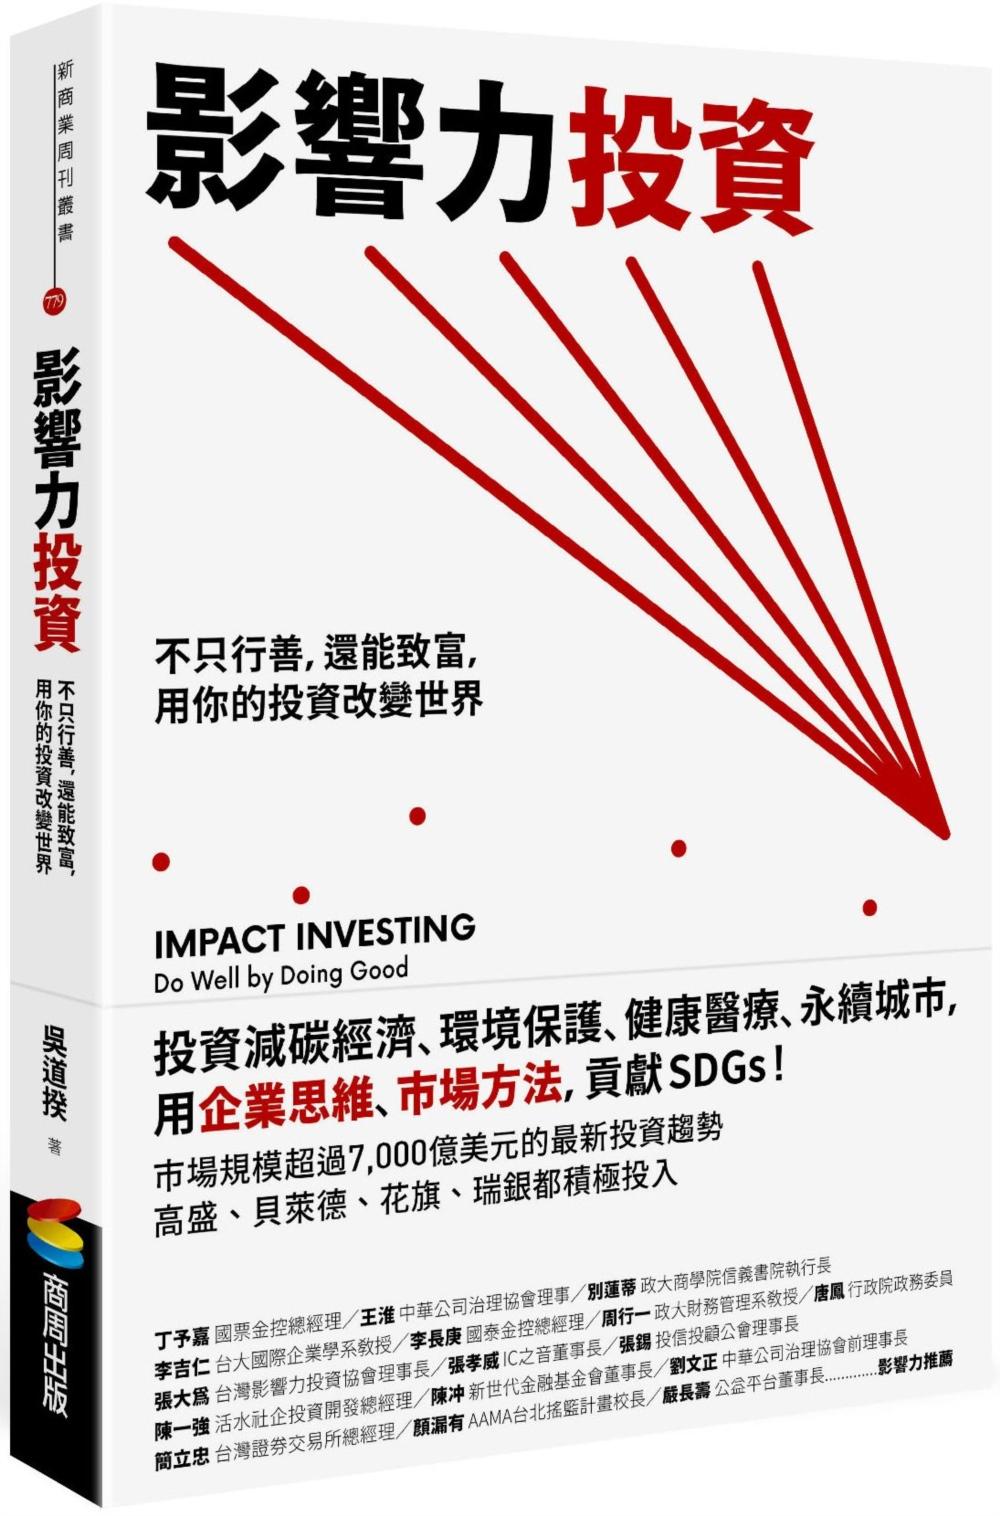 影響力投資:不只行善,還能致富...